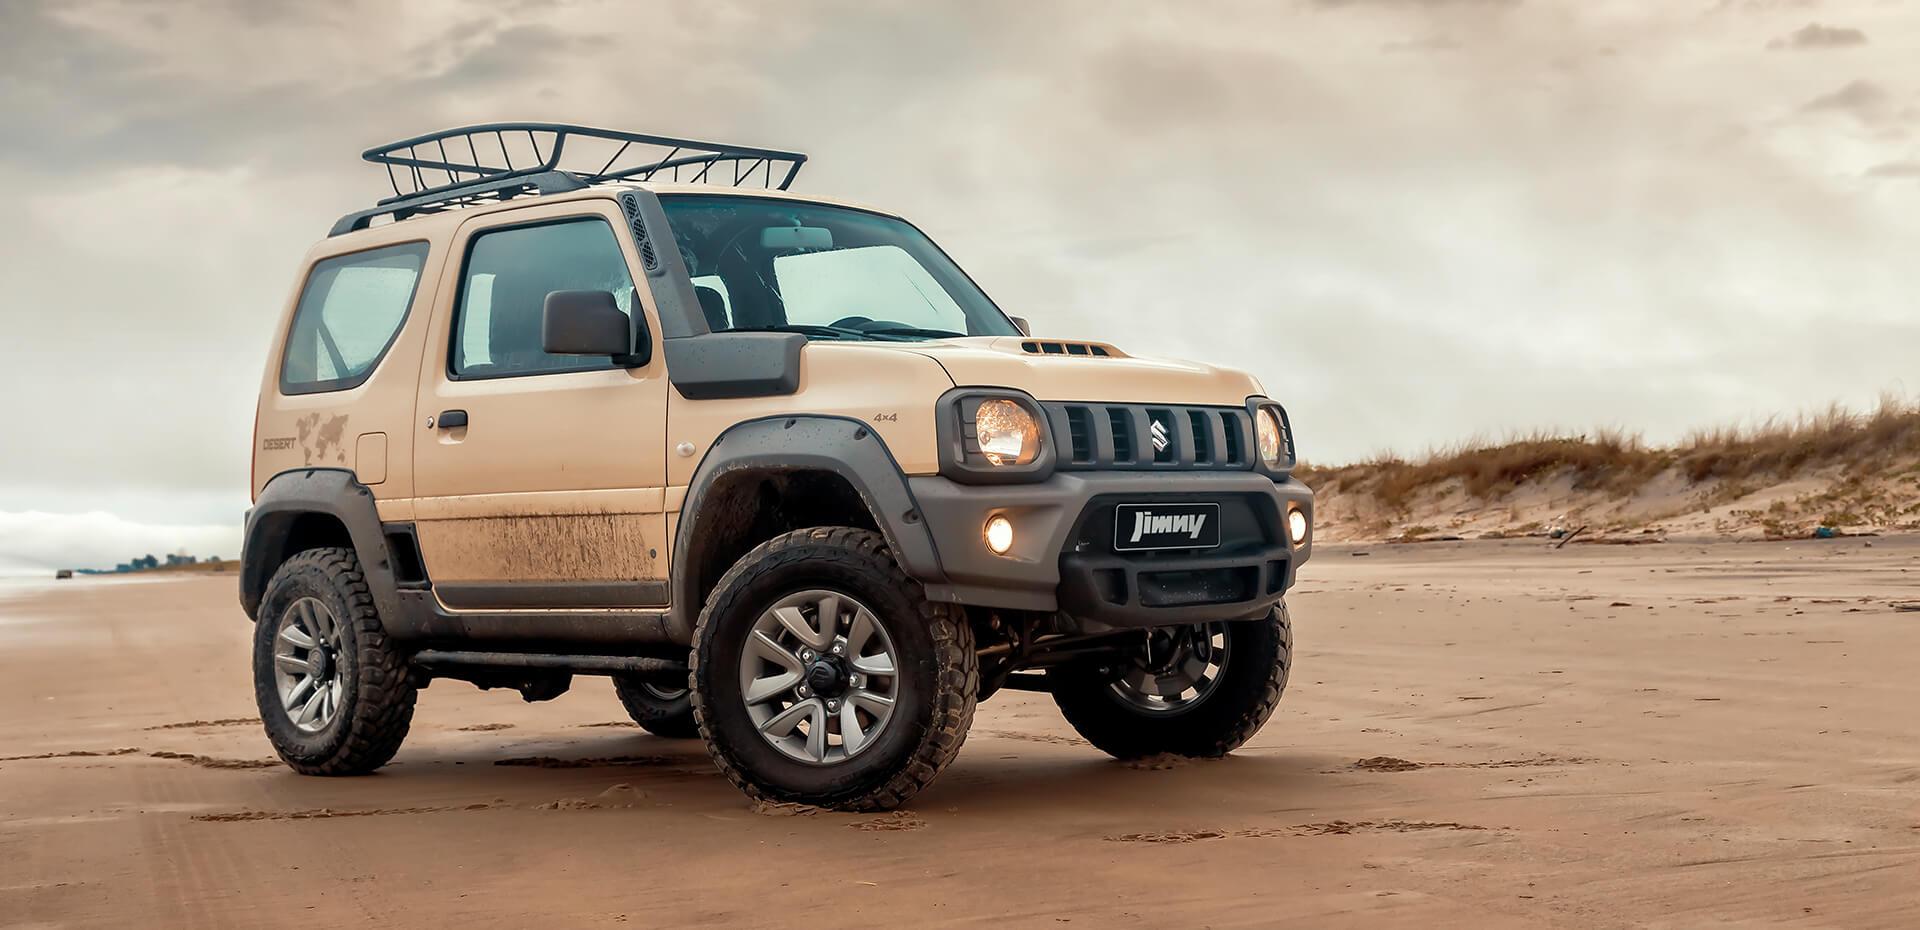 Suzuki JIMNY DESERT 2